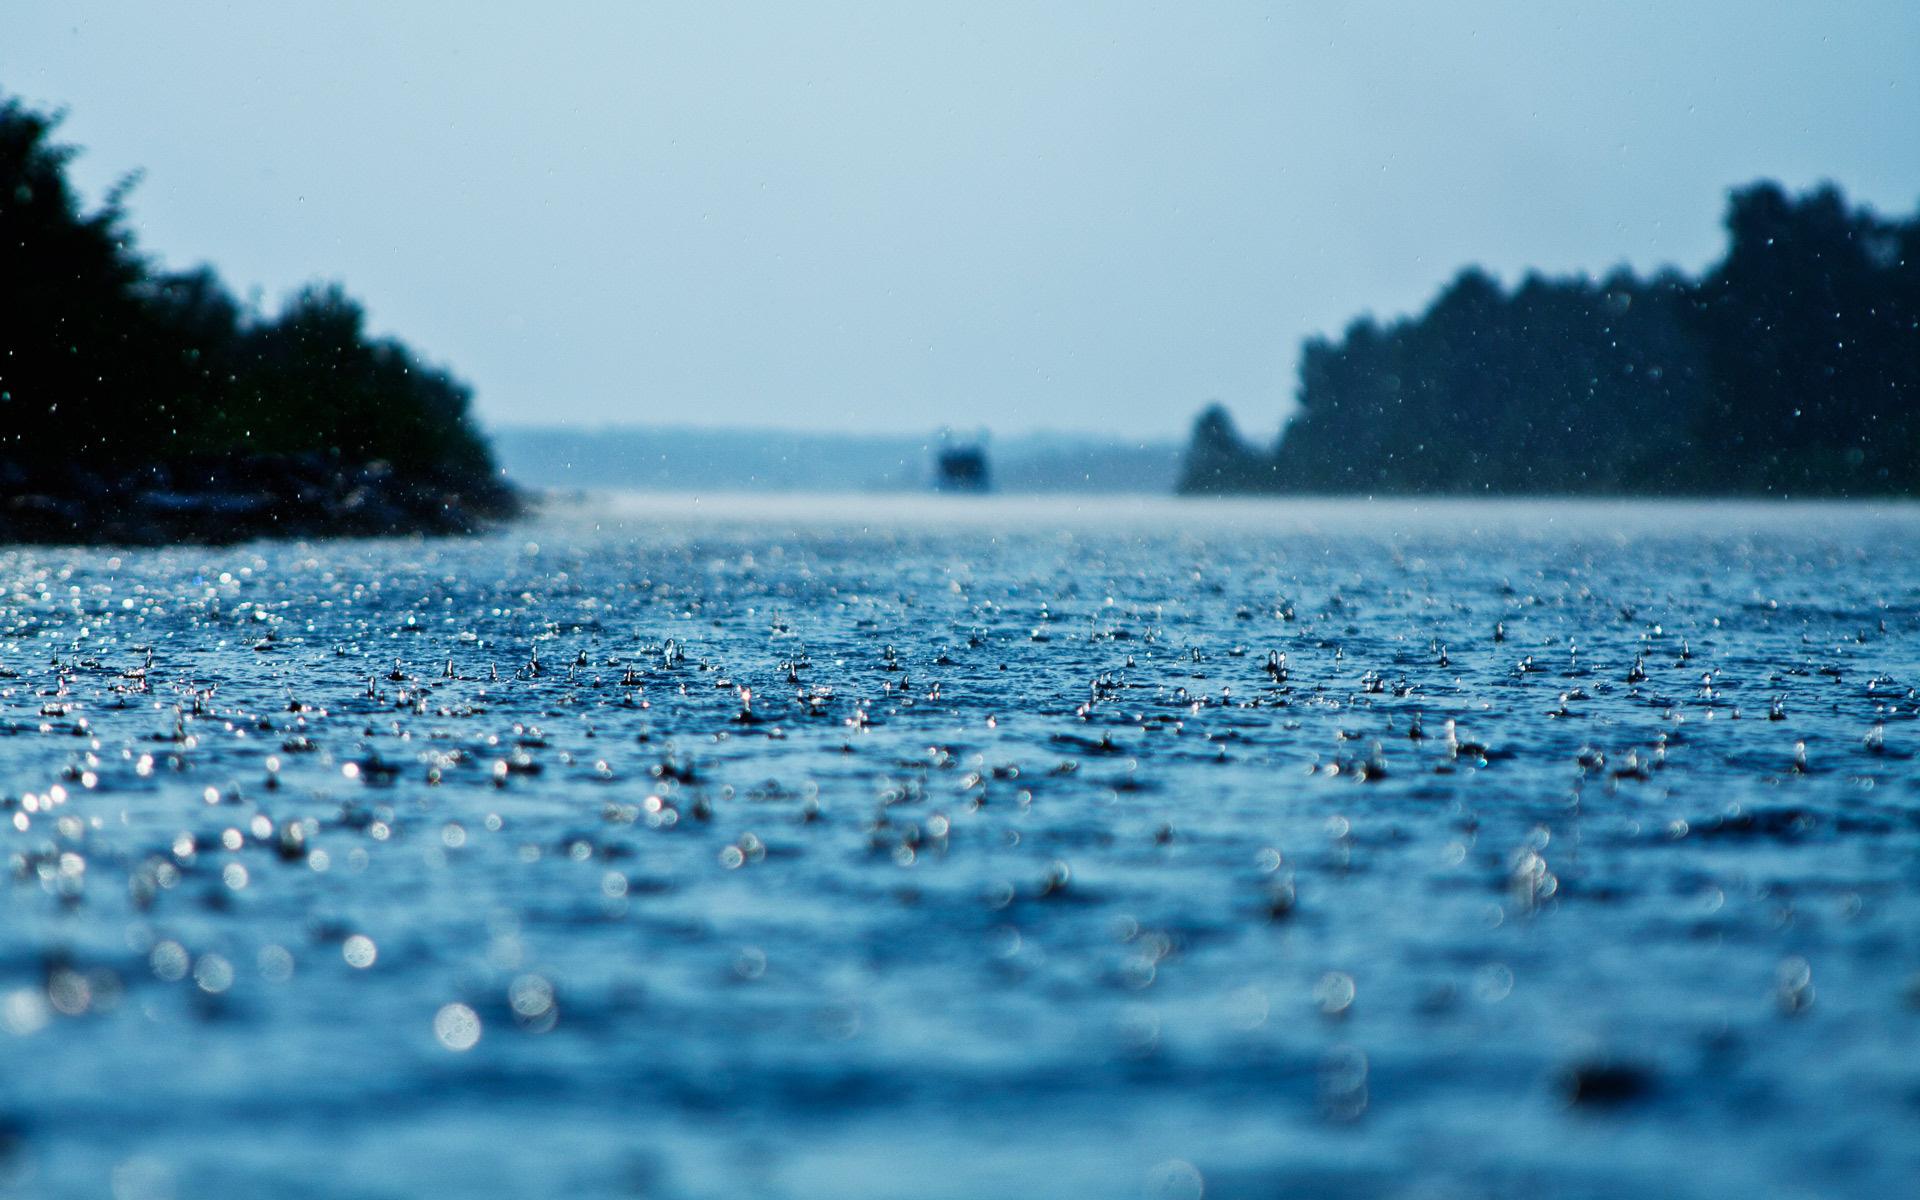 Fotografie - Regen  Blauw Water Wallpaper